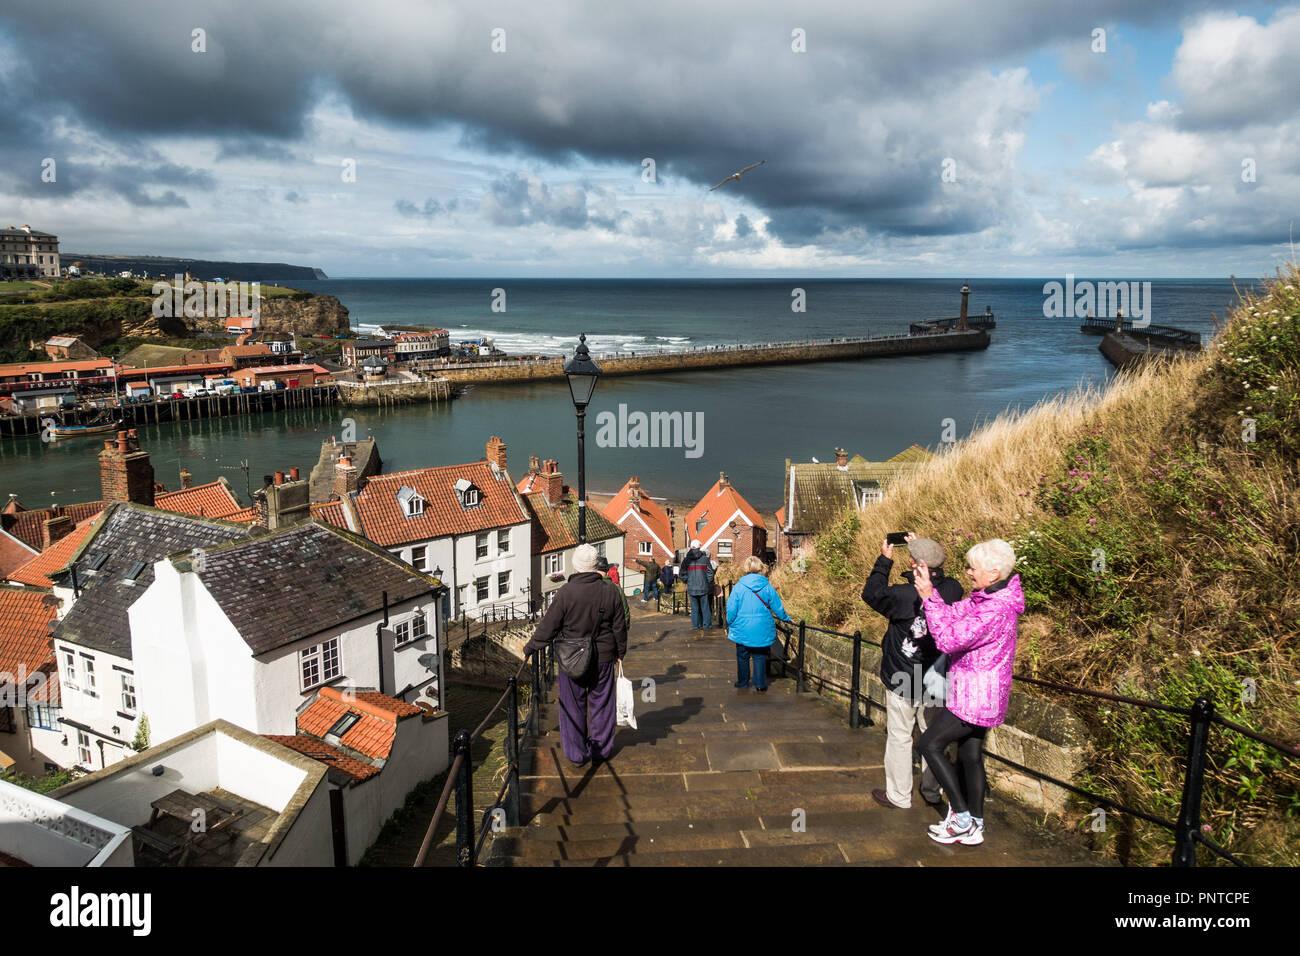 Les étapes jusqu'à l'abbaye et la vue de l'entrée du port de Whitby, dans le Yorkshire avec menace de pluie Photo Stock